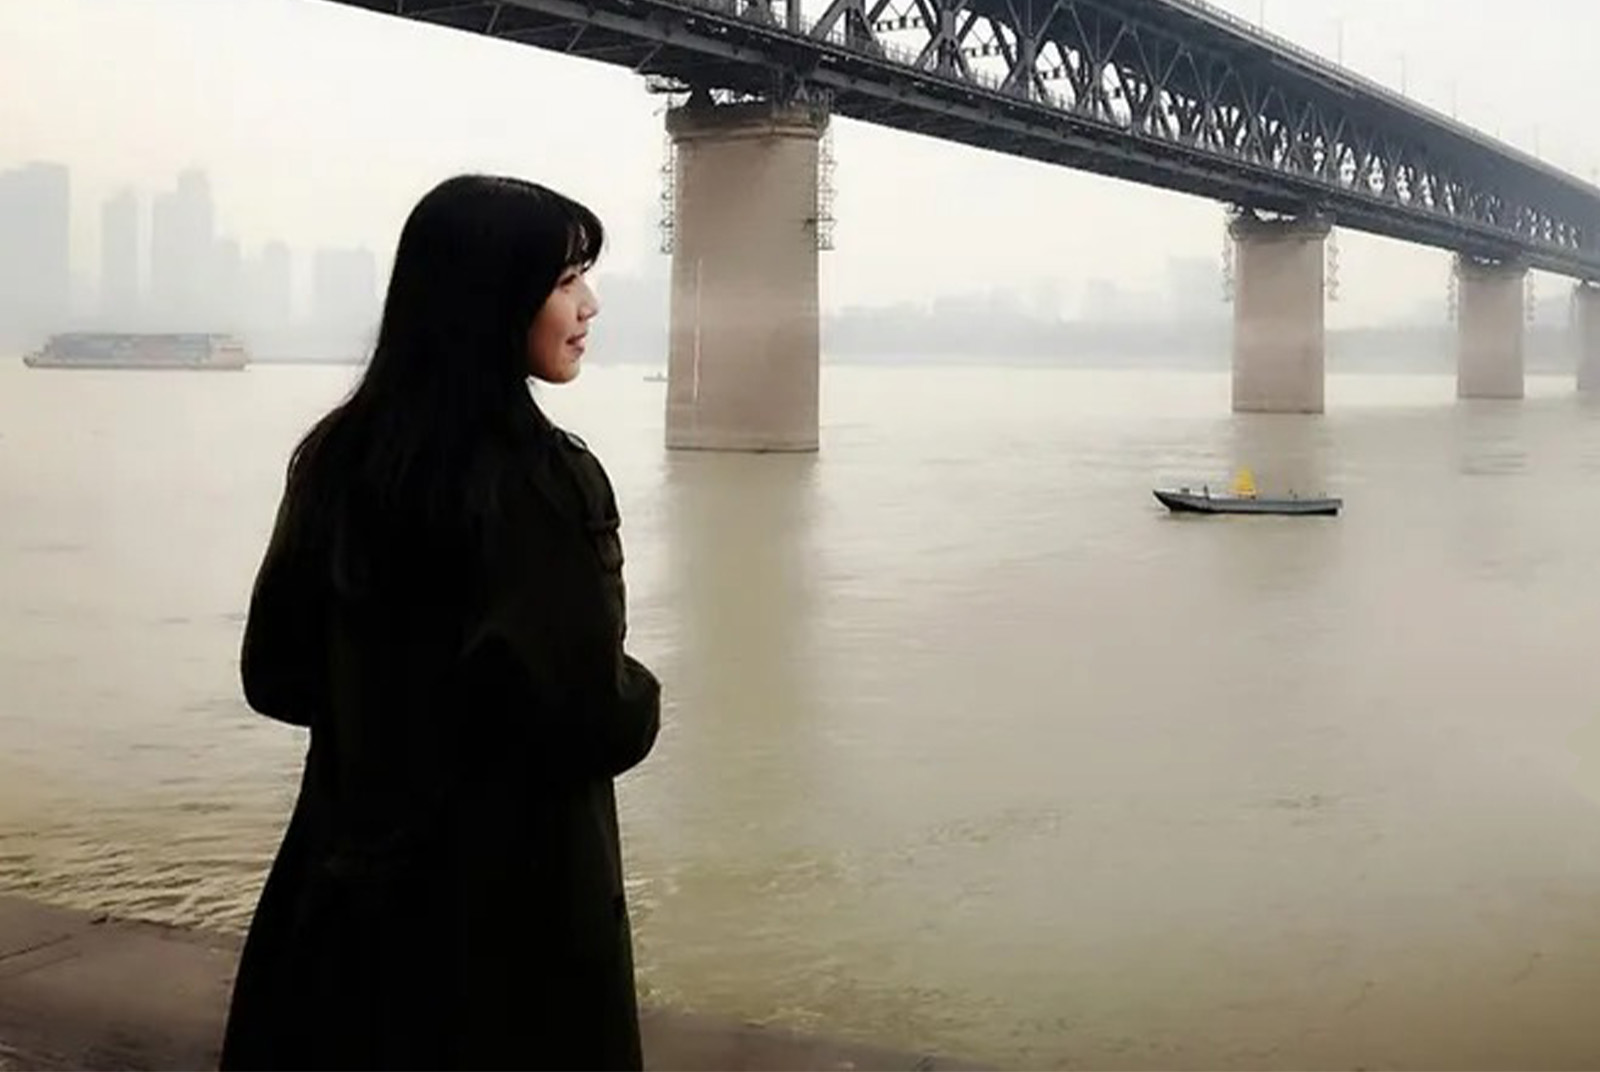 你可以親大陸,但請不要貶臺灣──臺灣女孩在中國生活有感|天下雜誌